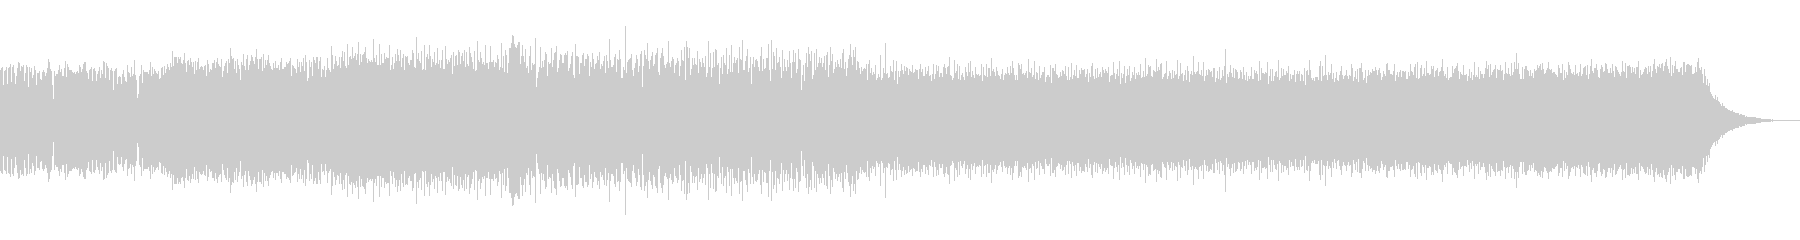 ピアノの旋律が美しいEDMの未再生の波形